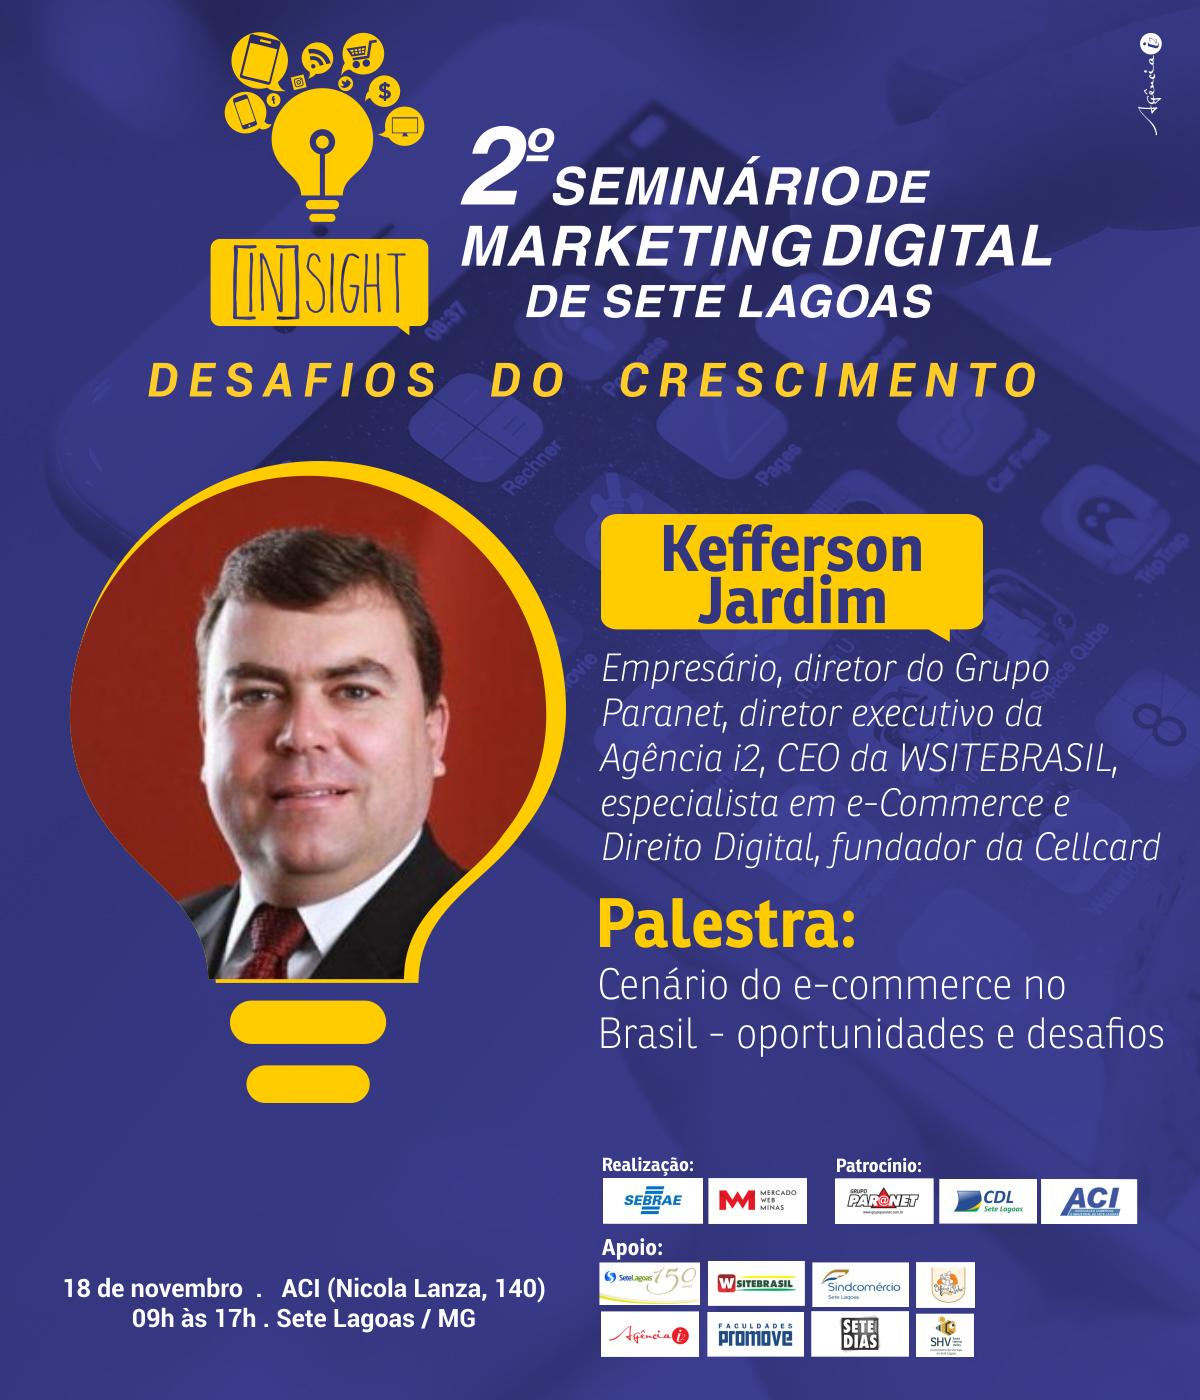 2º Seminário de Marketing Digital de Sete Lagoas